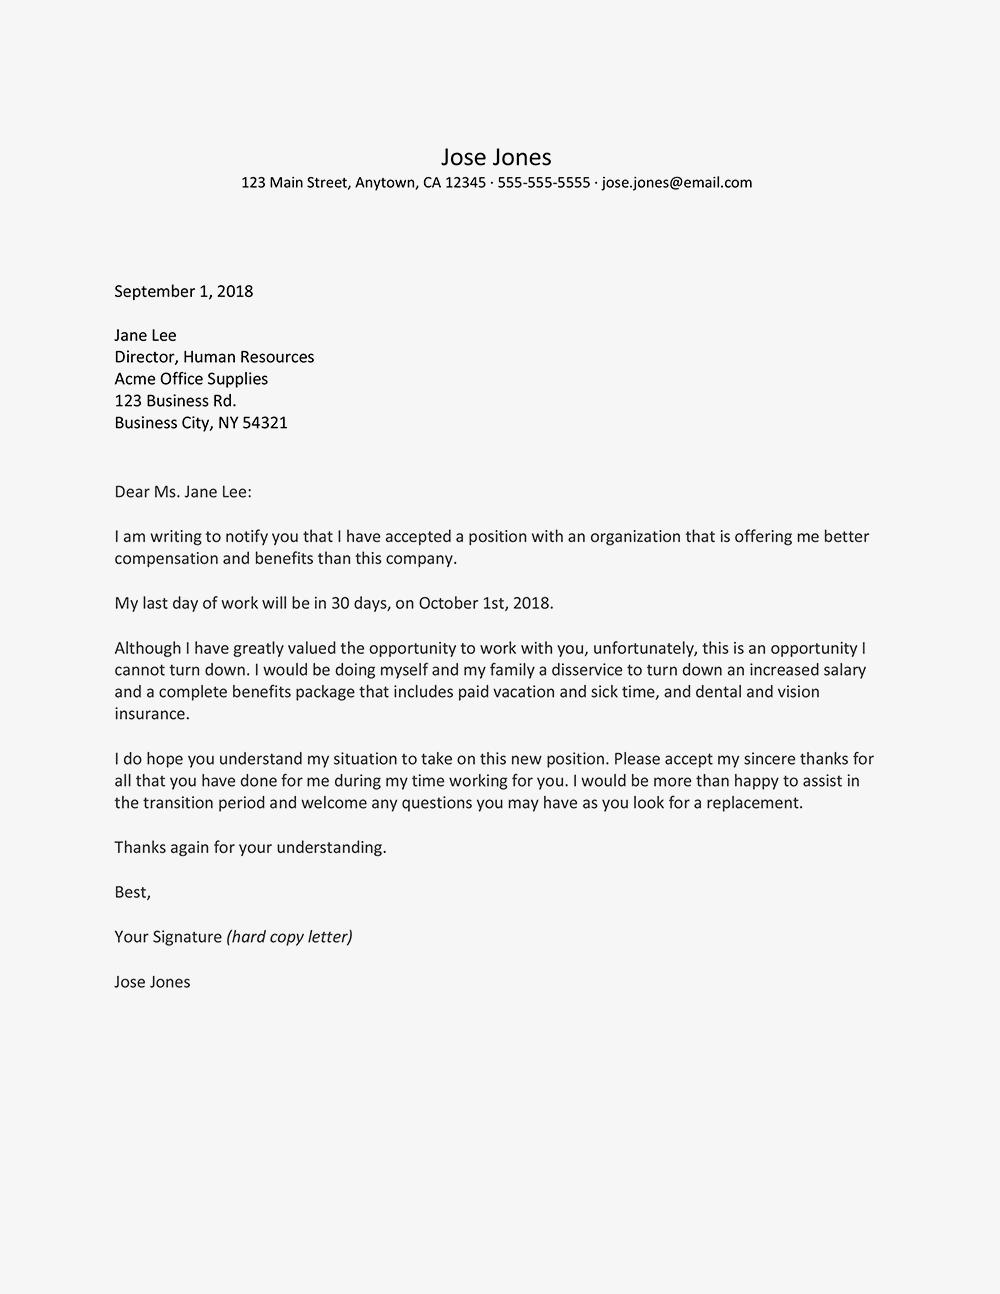 Dental Insurance Fee Negotiation Letter OneLetter CO